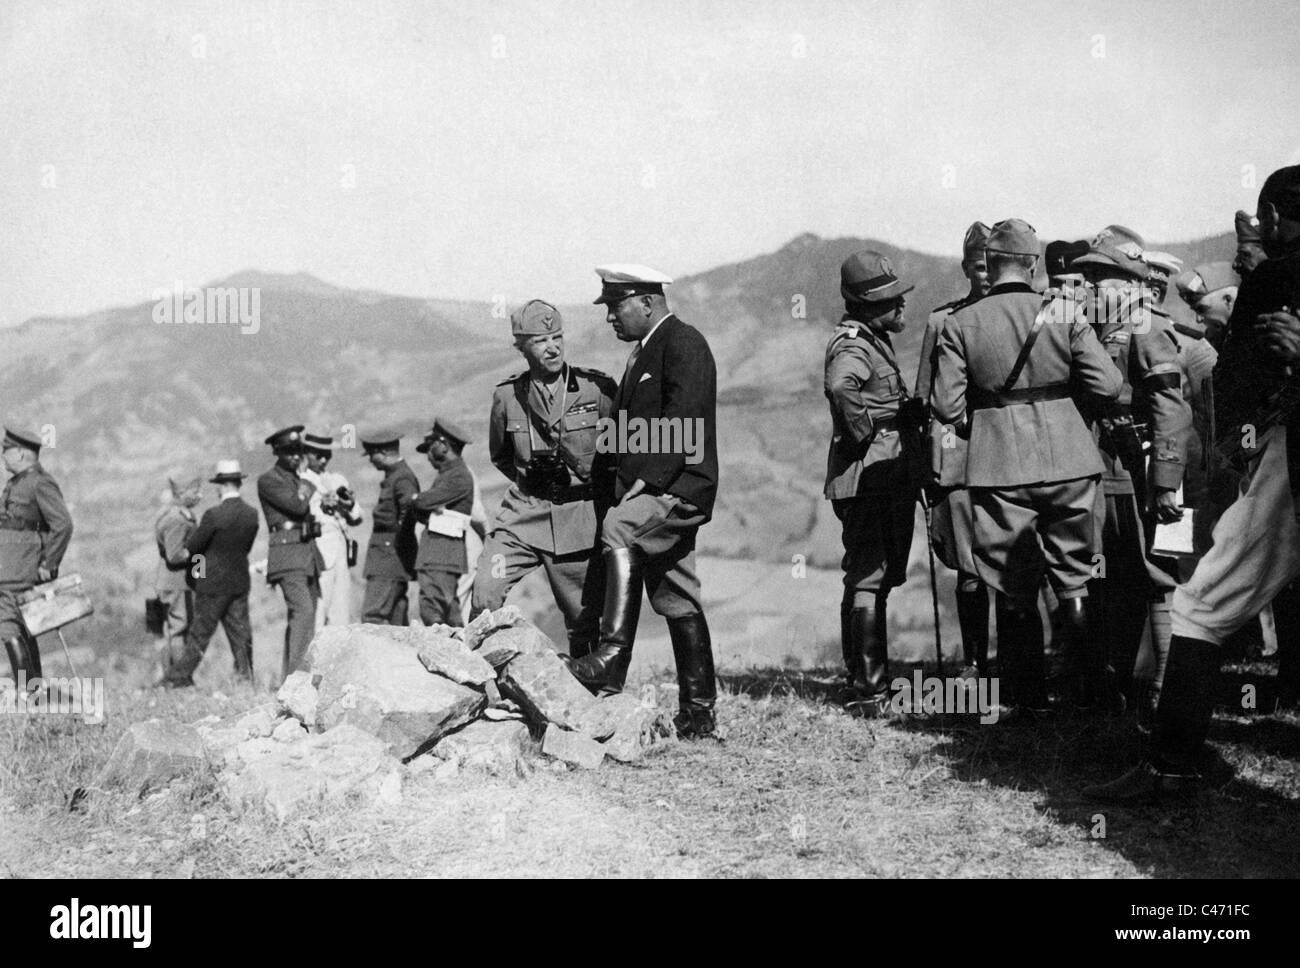 Cimitero Monumentale Predappio Fc 1919 benito mussolini stock photos & 1919 benito mussolini